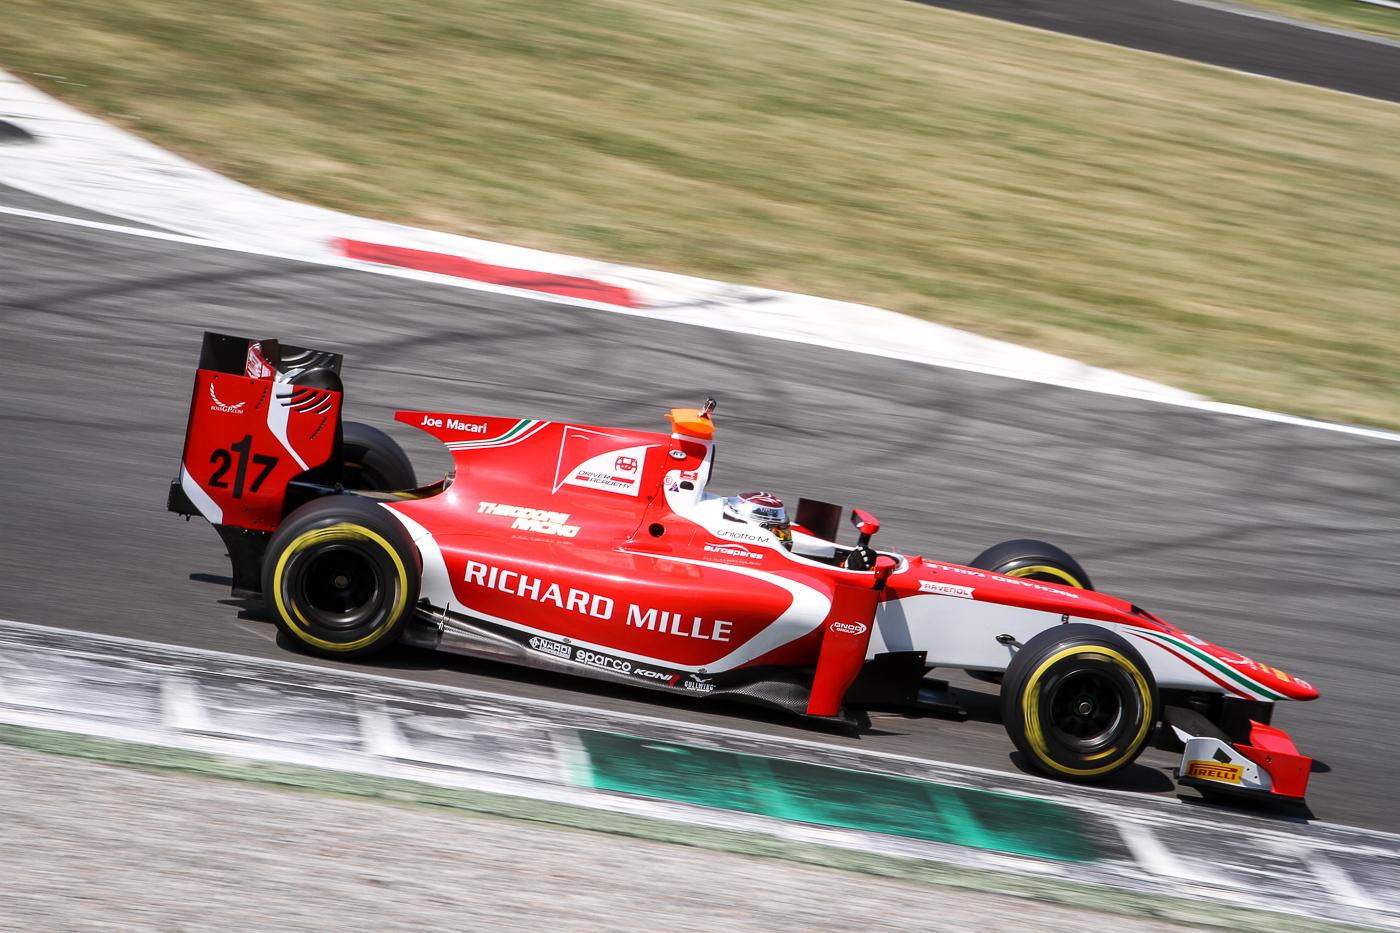 Dallara GP2